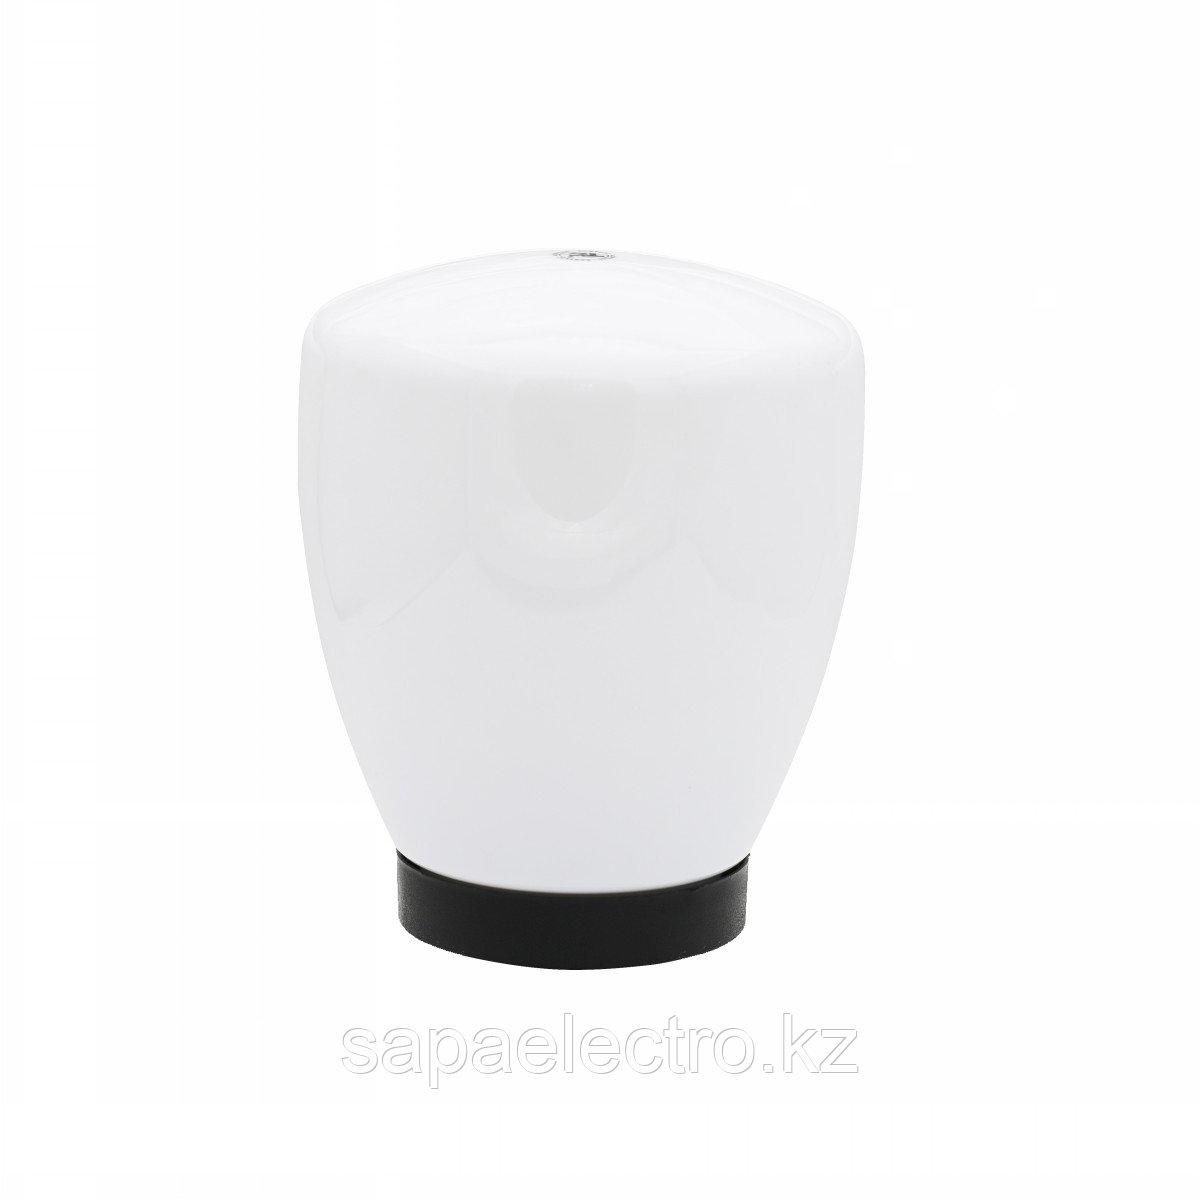 SFERA Shar D 200 OPAL INCE 190x161x161mm (TT-KZ)32